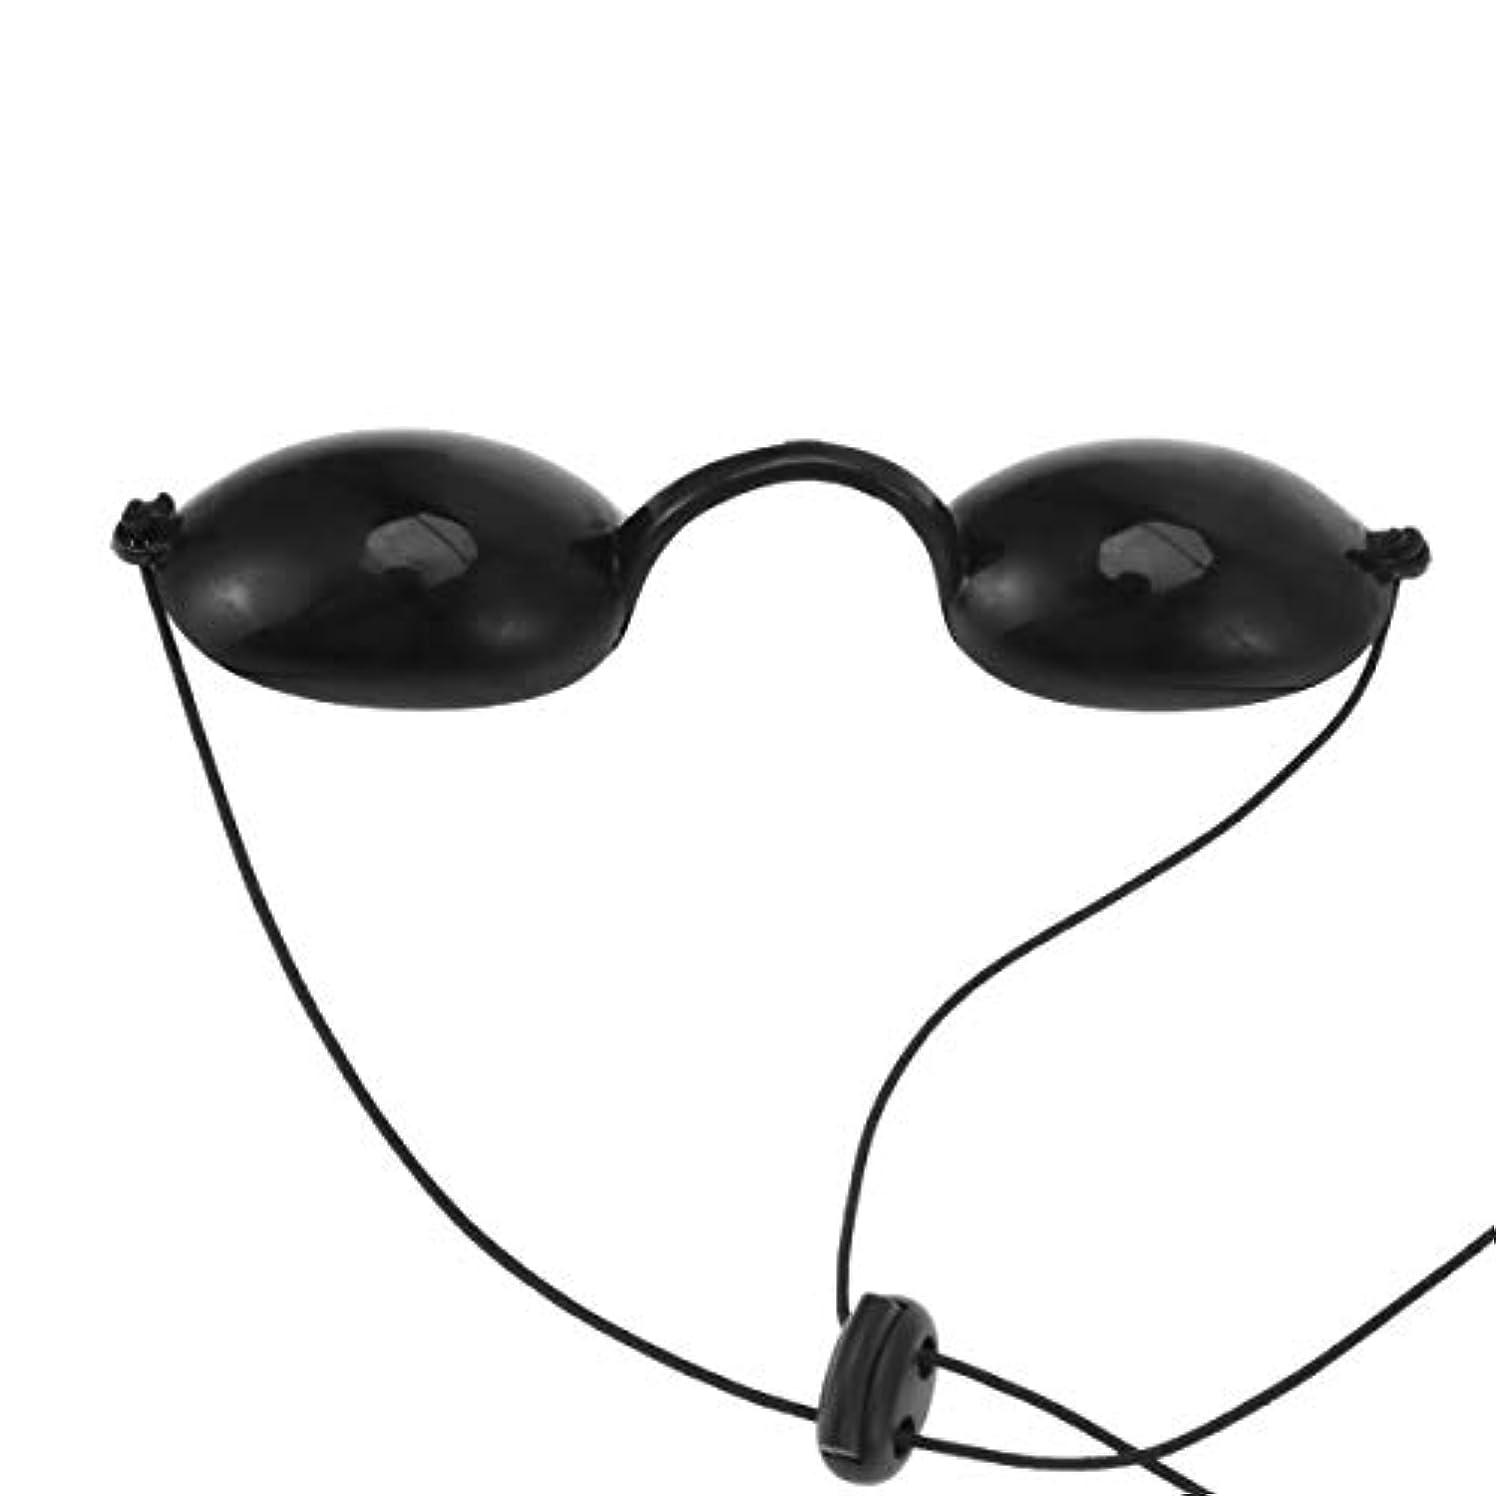 みなすバスト立法SUPVOX成人日焼けゴーグルUVプロテクションアイパッチライトセラピーメガネアイカラー(ブラック)